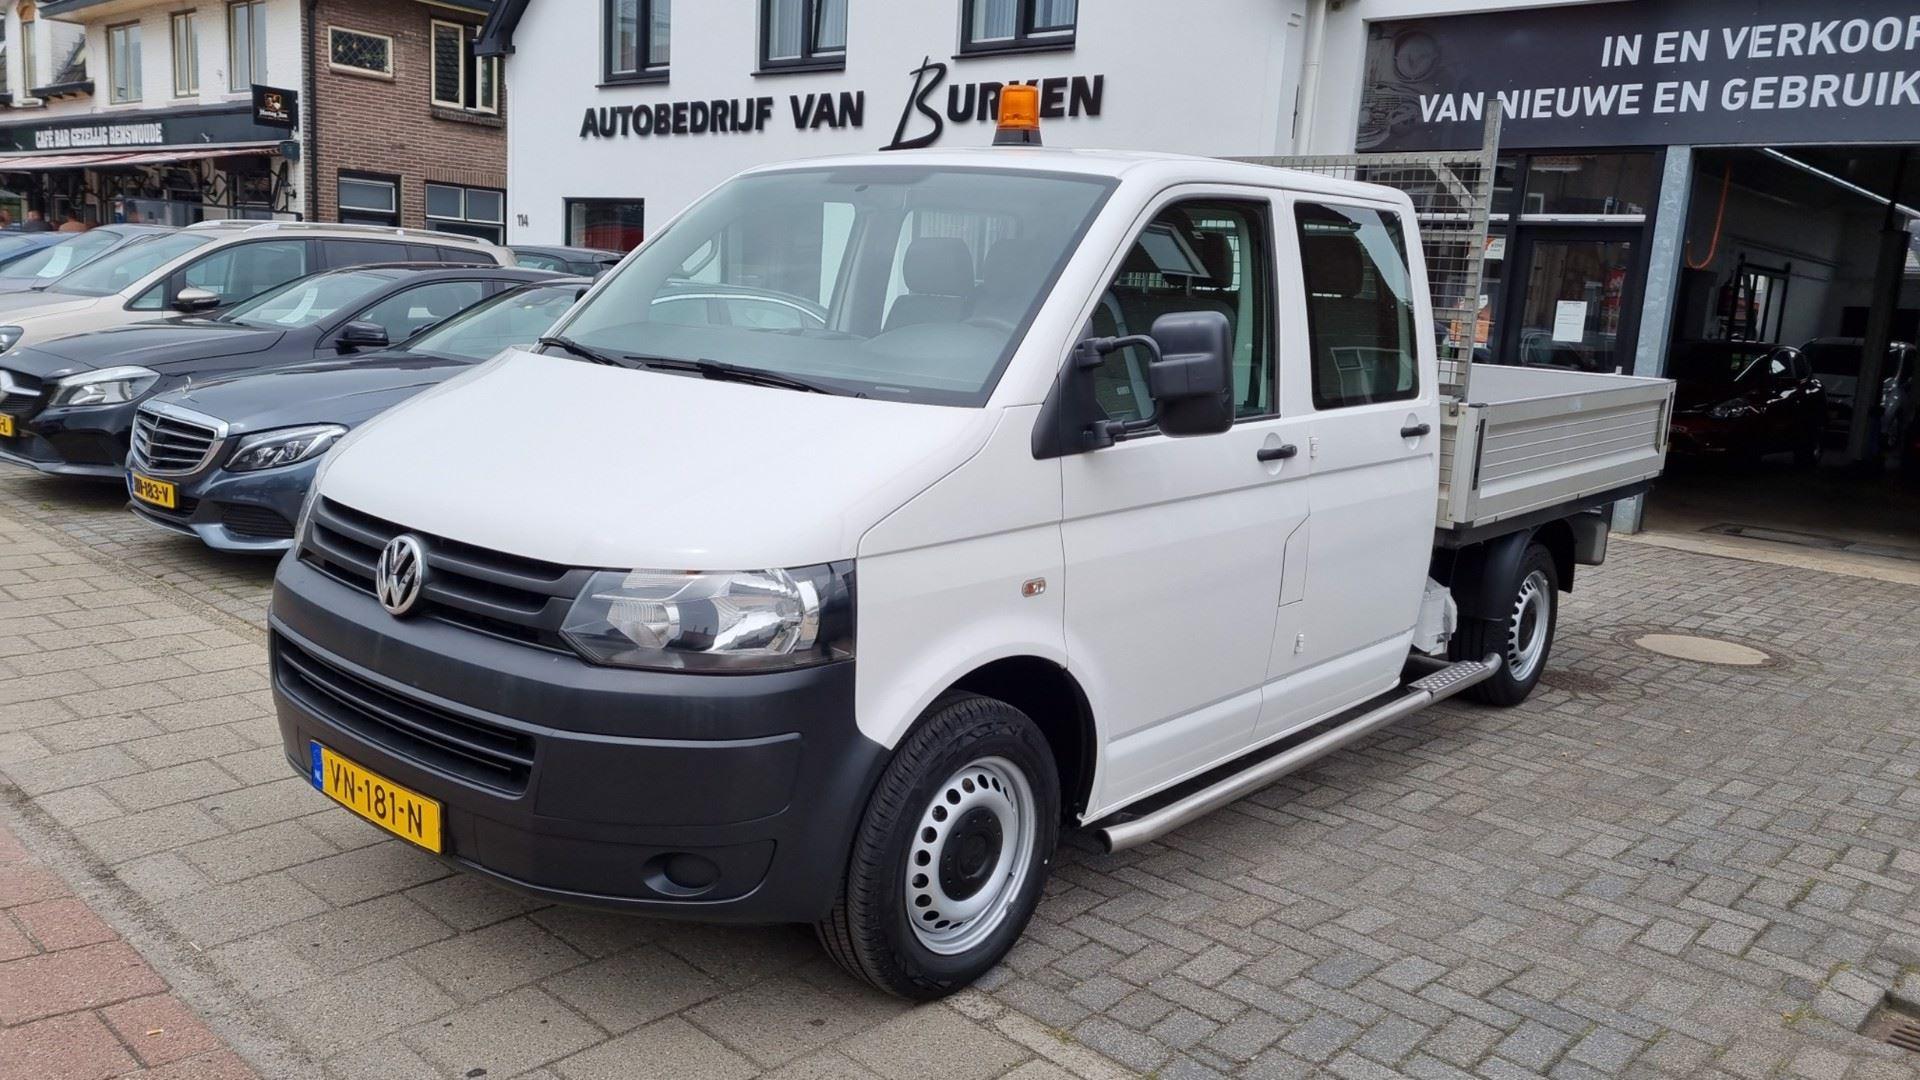 Volkswagen Transporter occasion - Autobedrijf van Burken